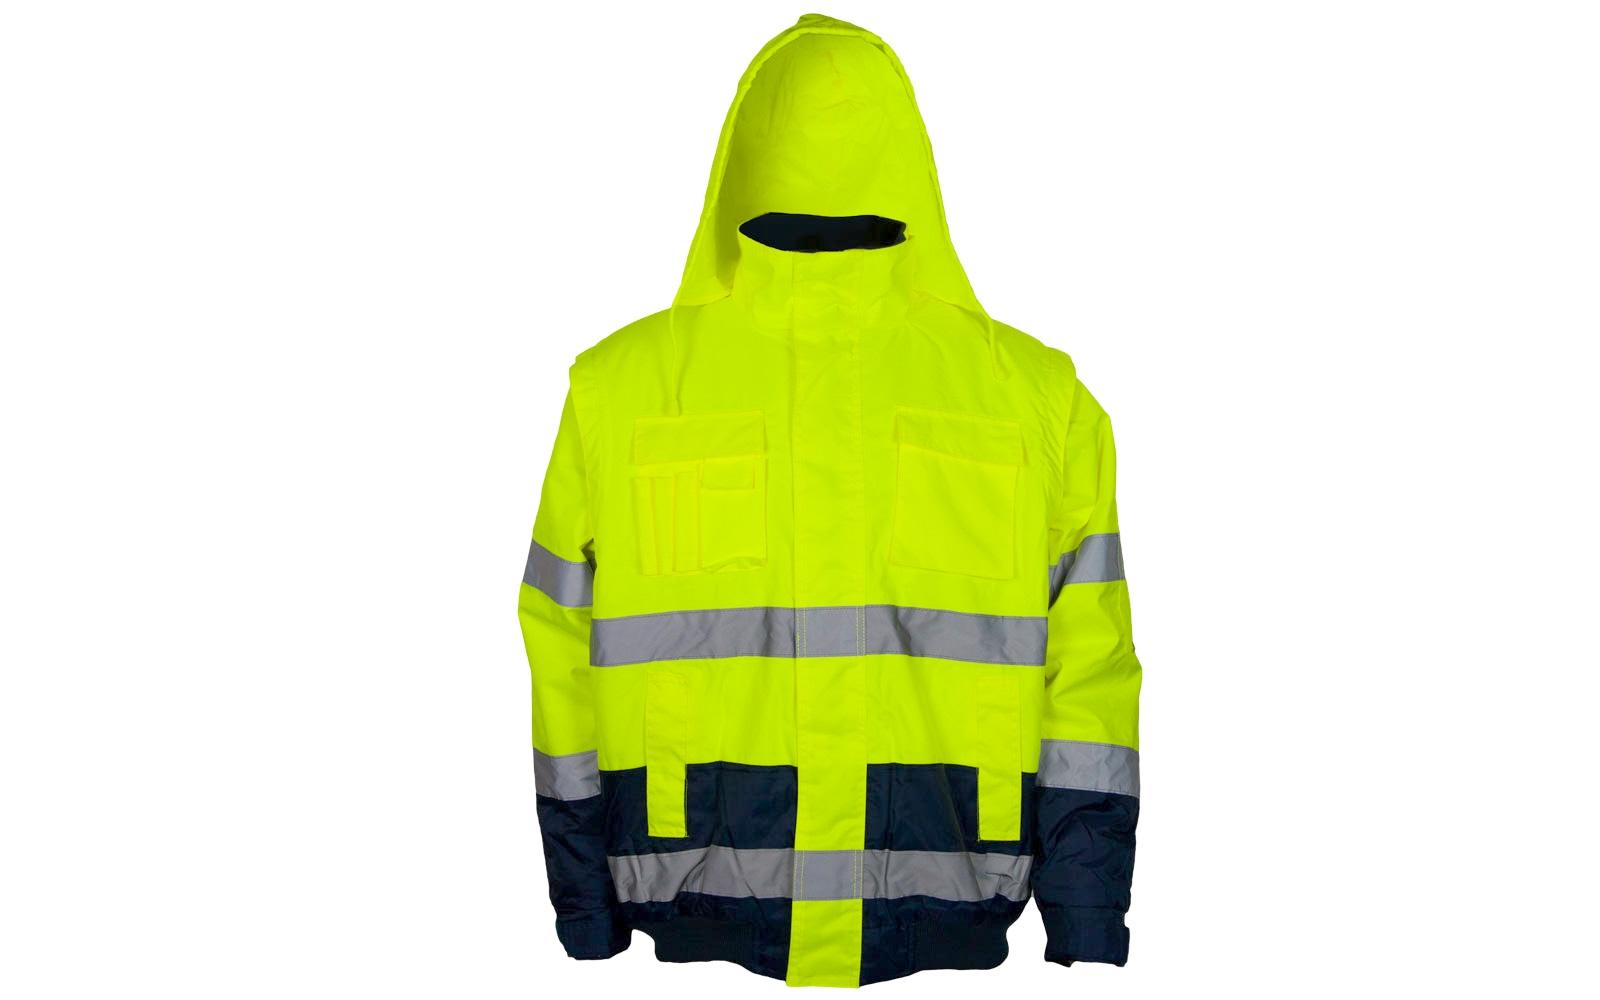 Gr Warnschutzpilotjacke *hasso* Safestyle® Gelb/marine L